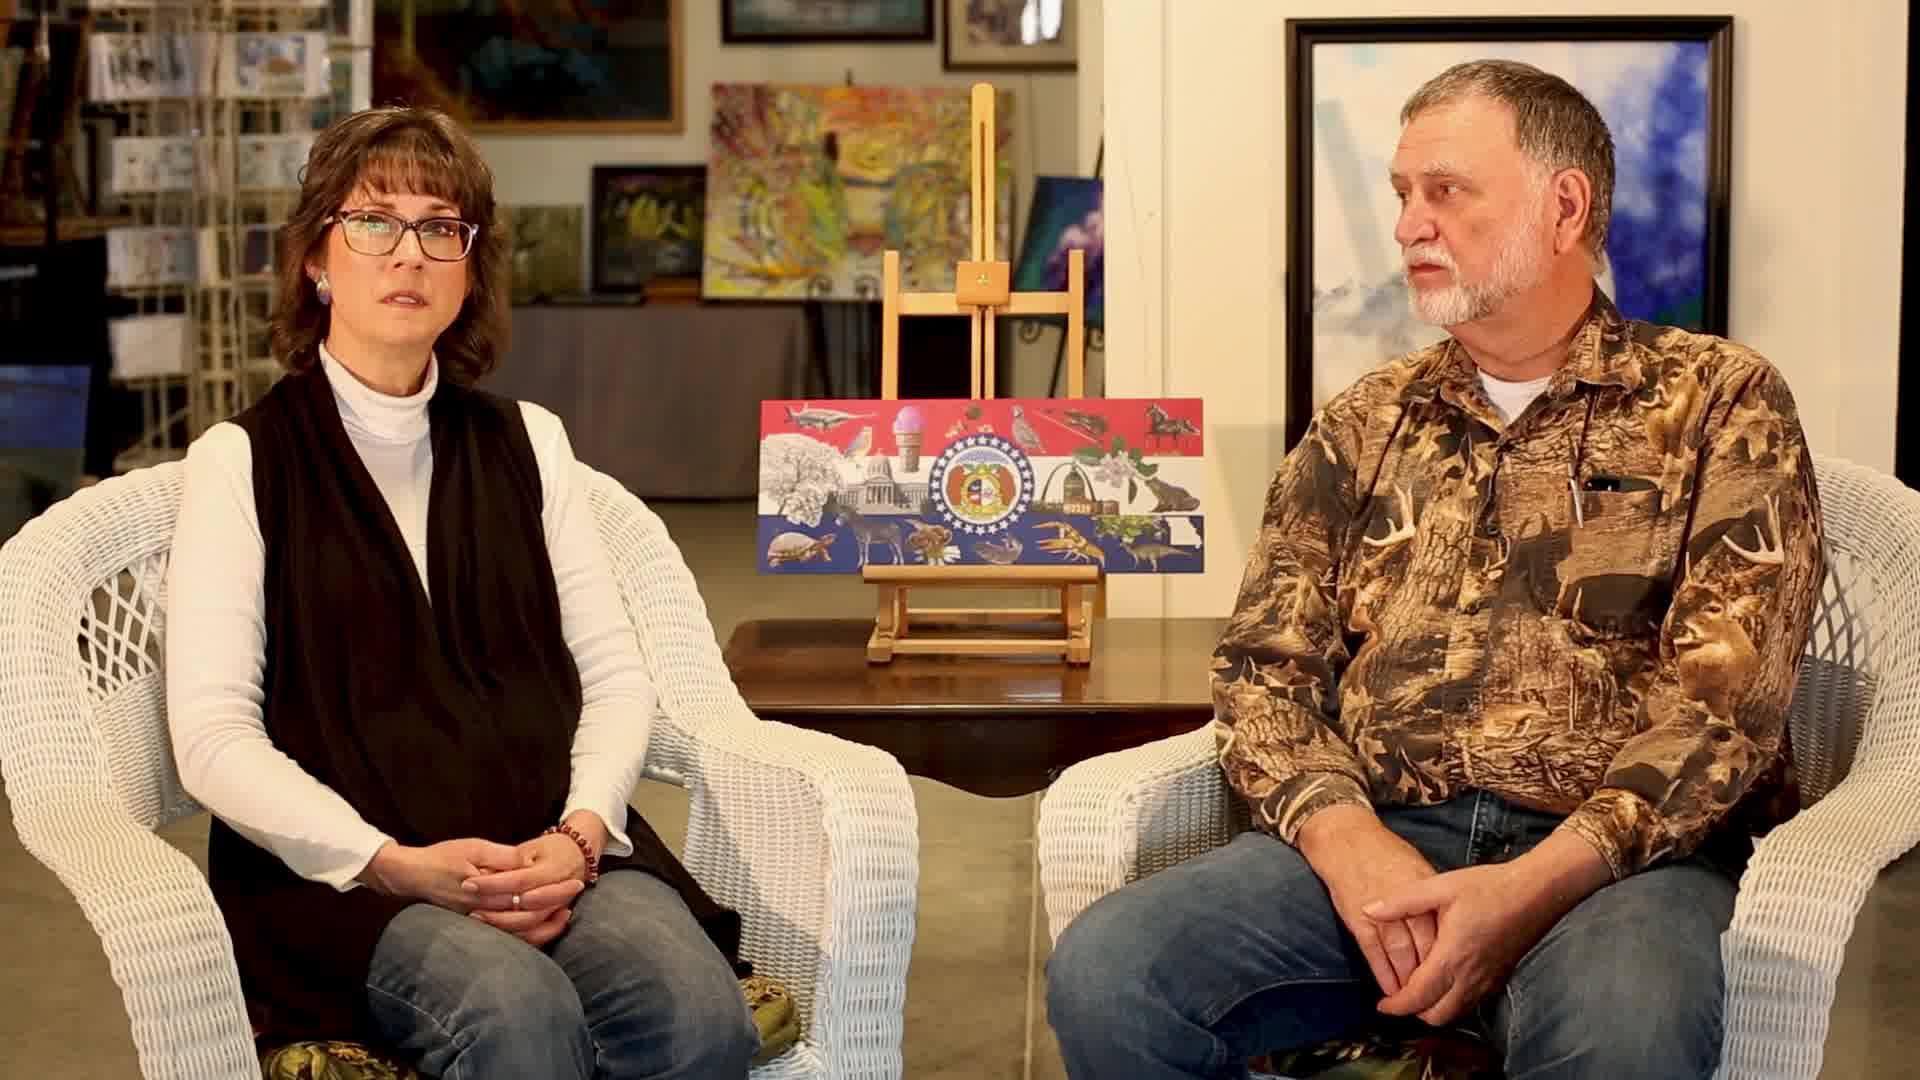 Missouri Bicentennial Paint For A Cause